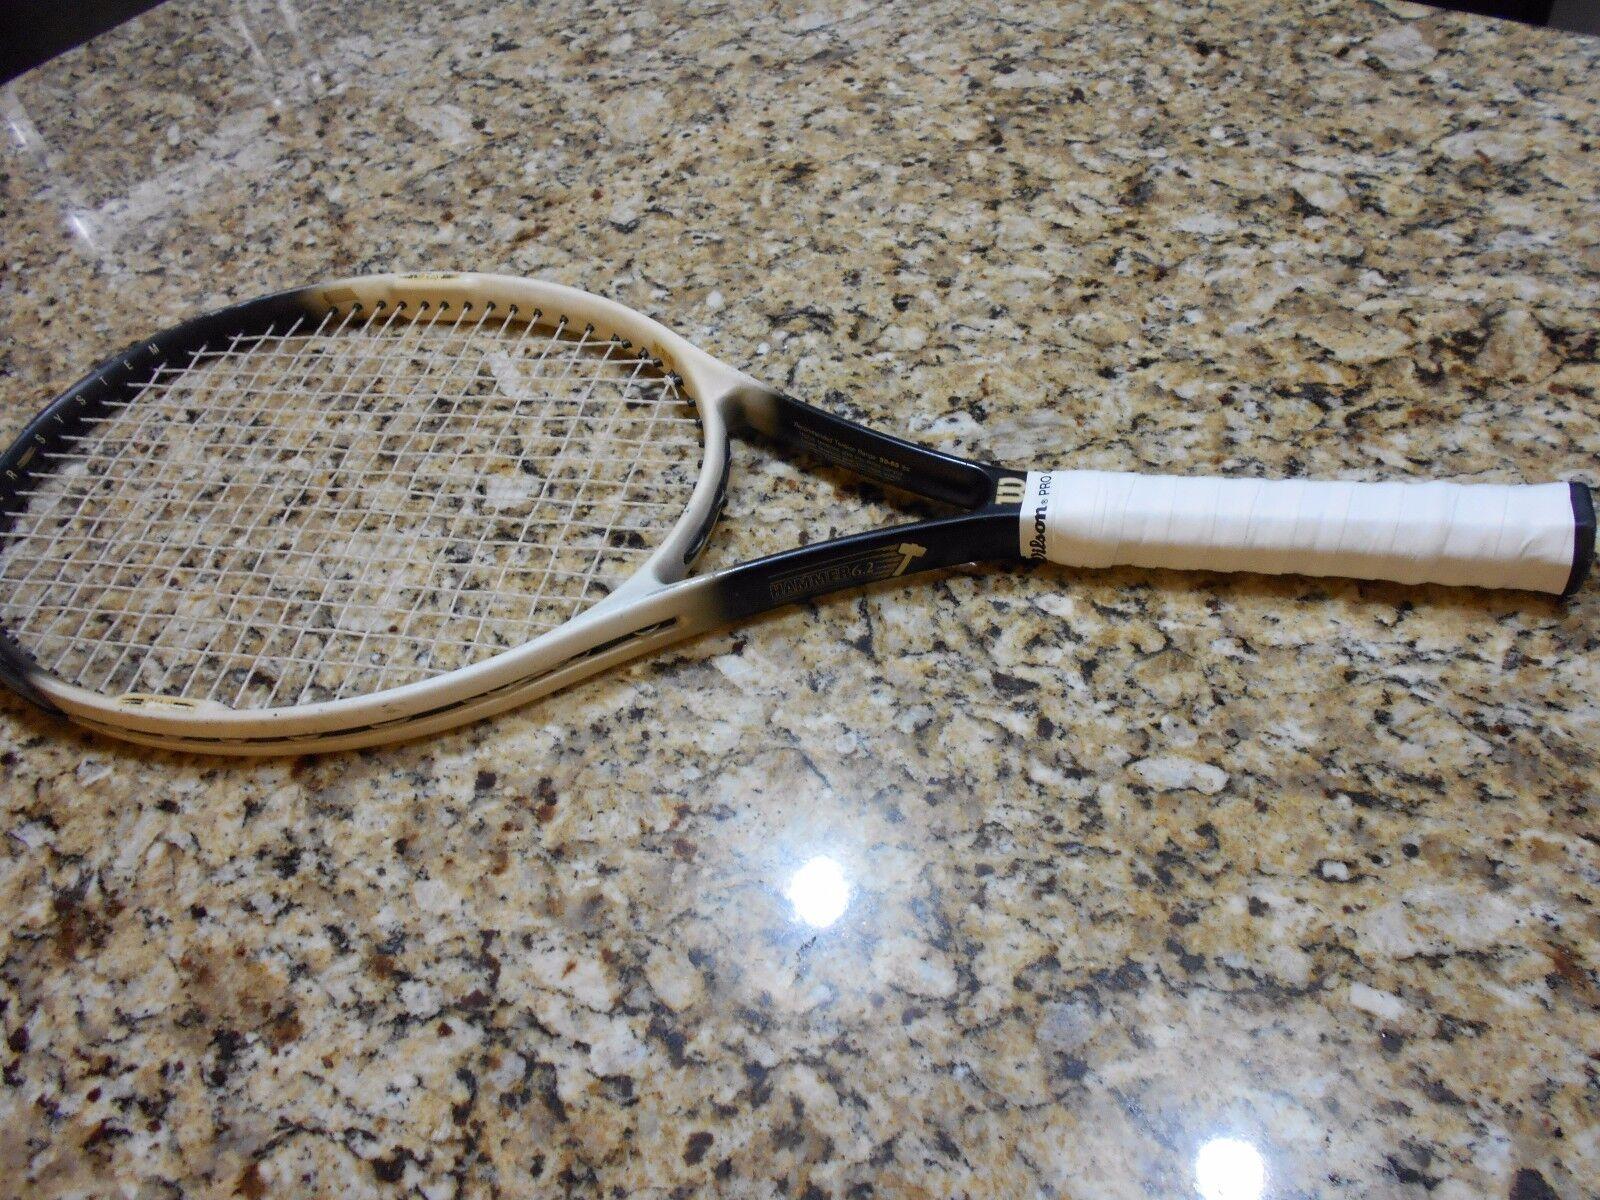 WILSON Hammer System Hammer 6.2 OS Tennis Racquet 110  Head NO2 4 1 4  Grip